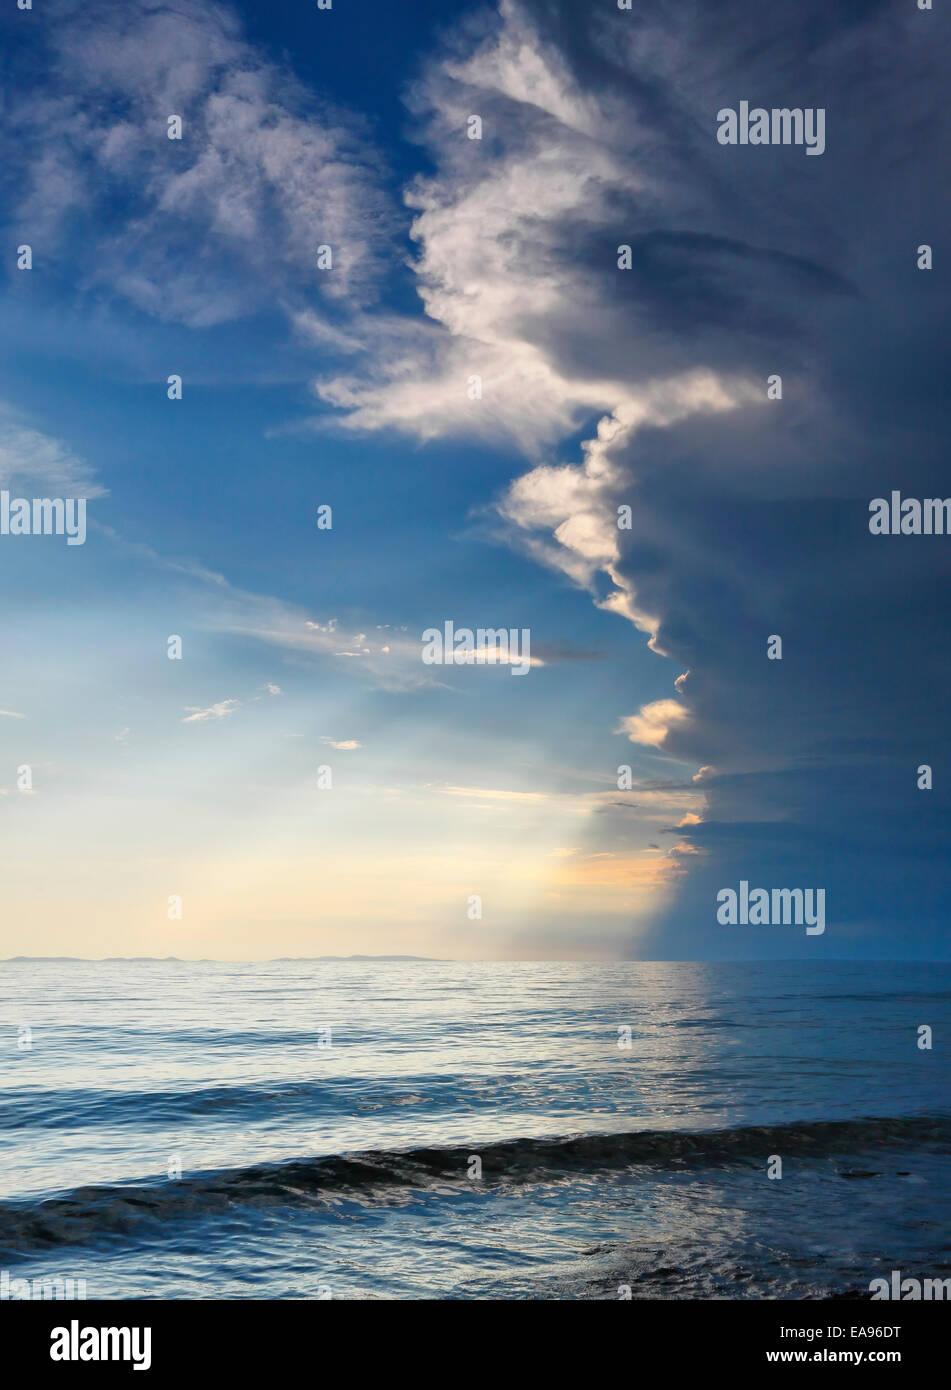 Nuvole temporalesche sull'oceano Foto Stock